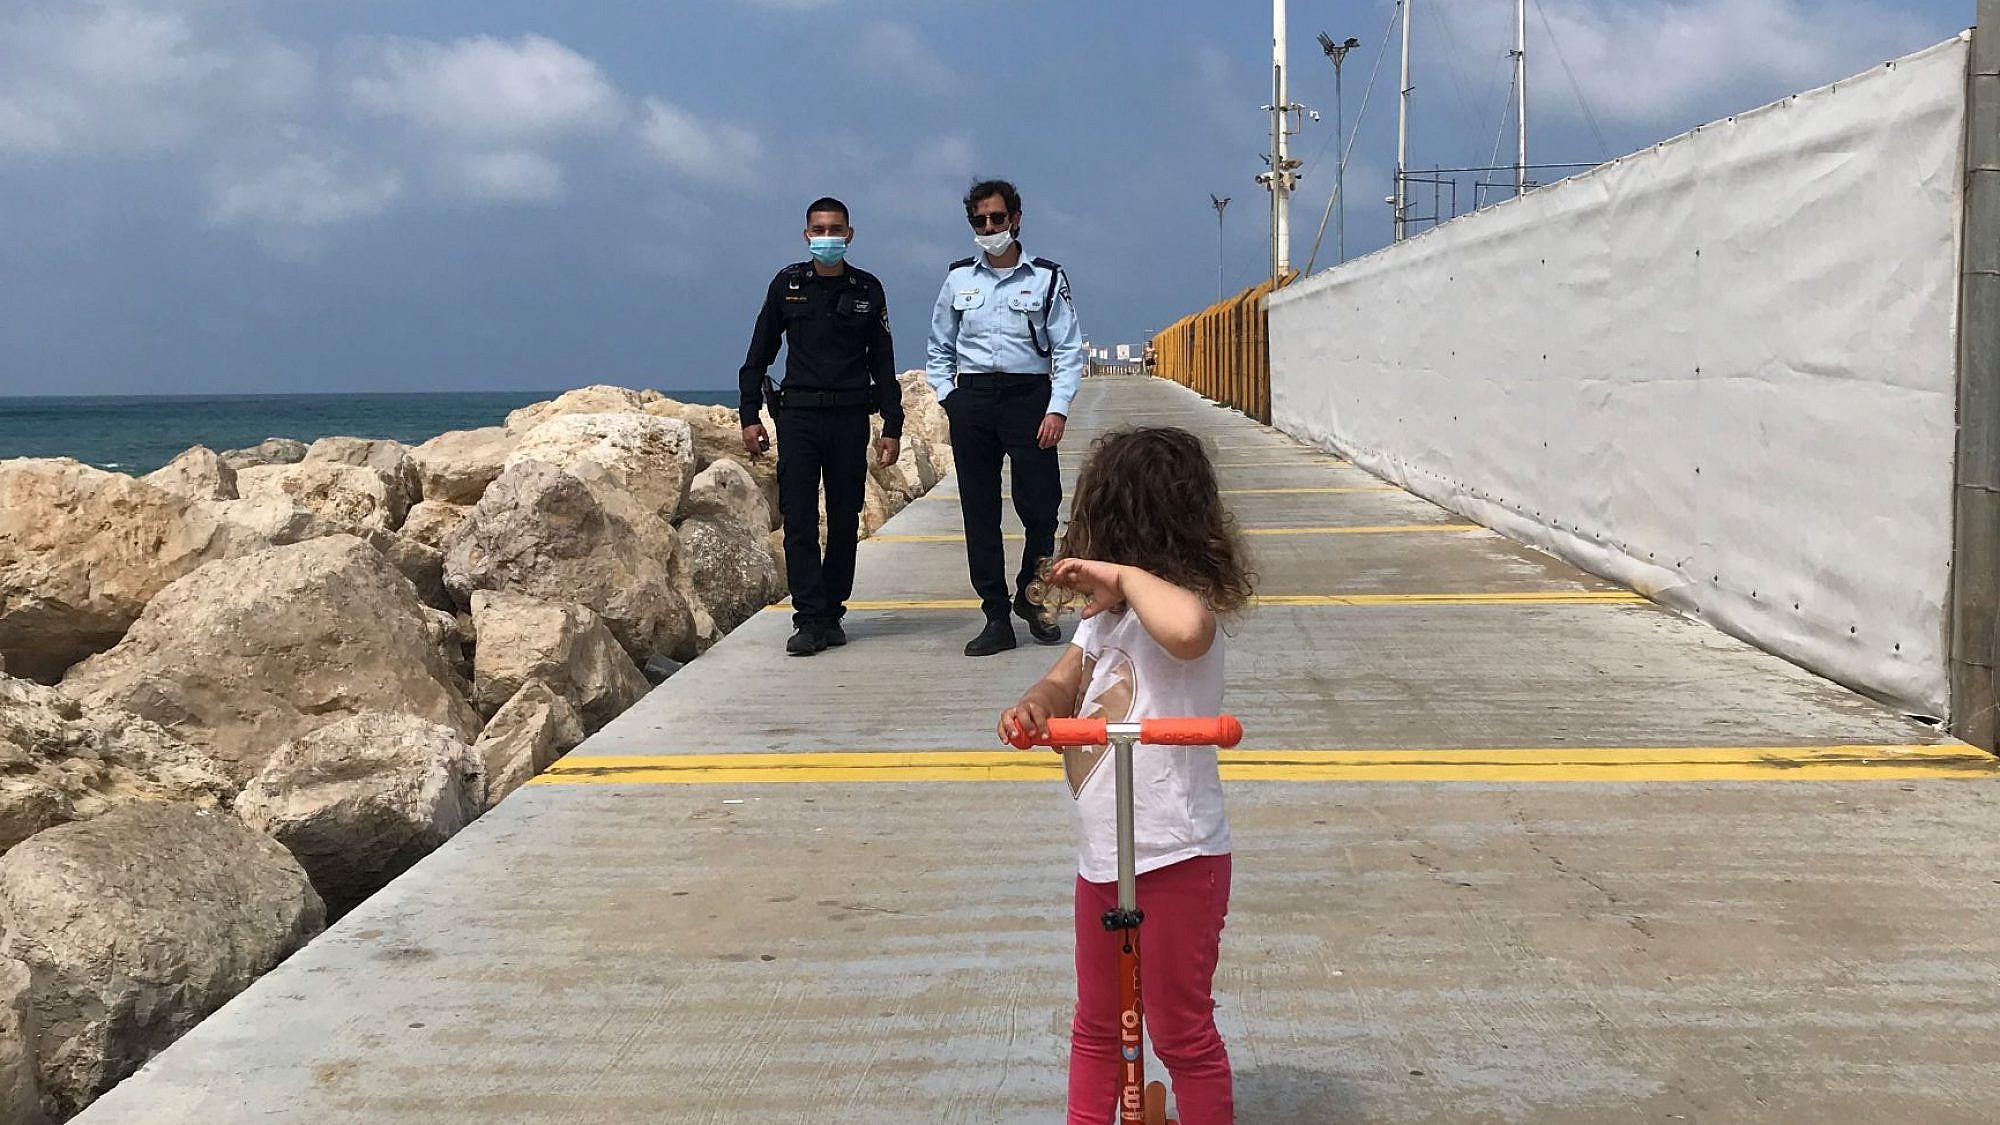 הרגע לפני המרדף. צילום: ארי ליברסון, חוף דרומי הרצליה פיתוח